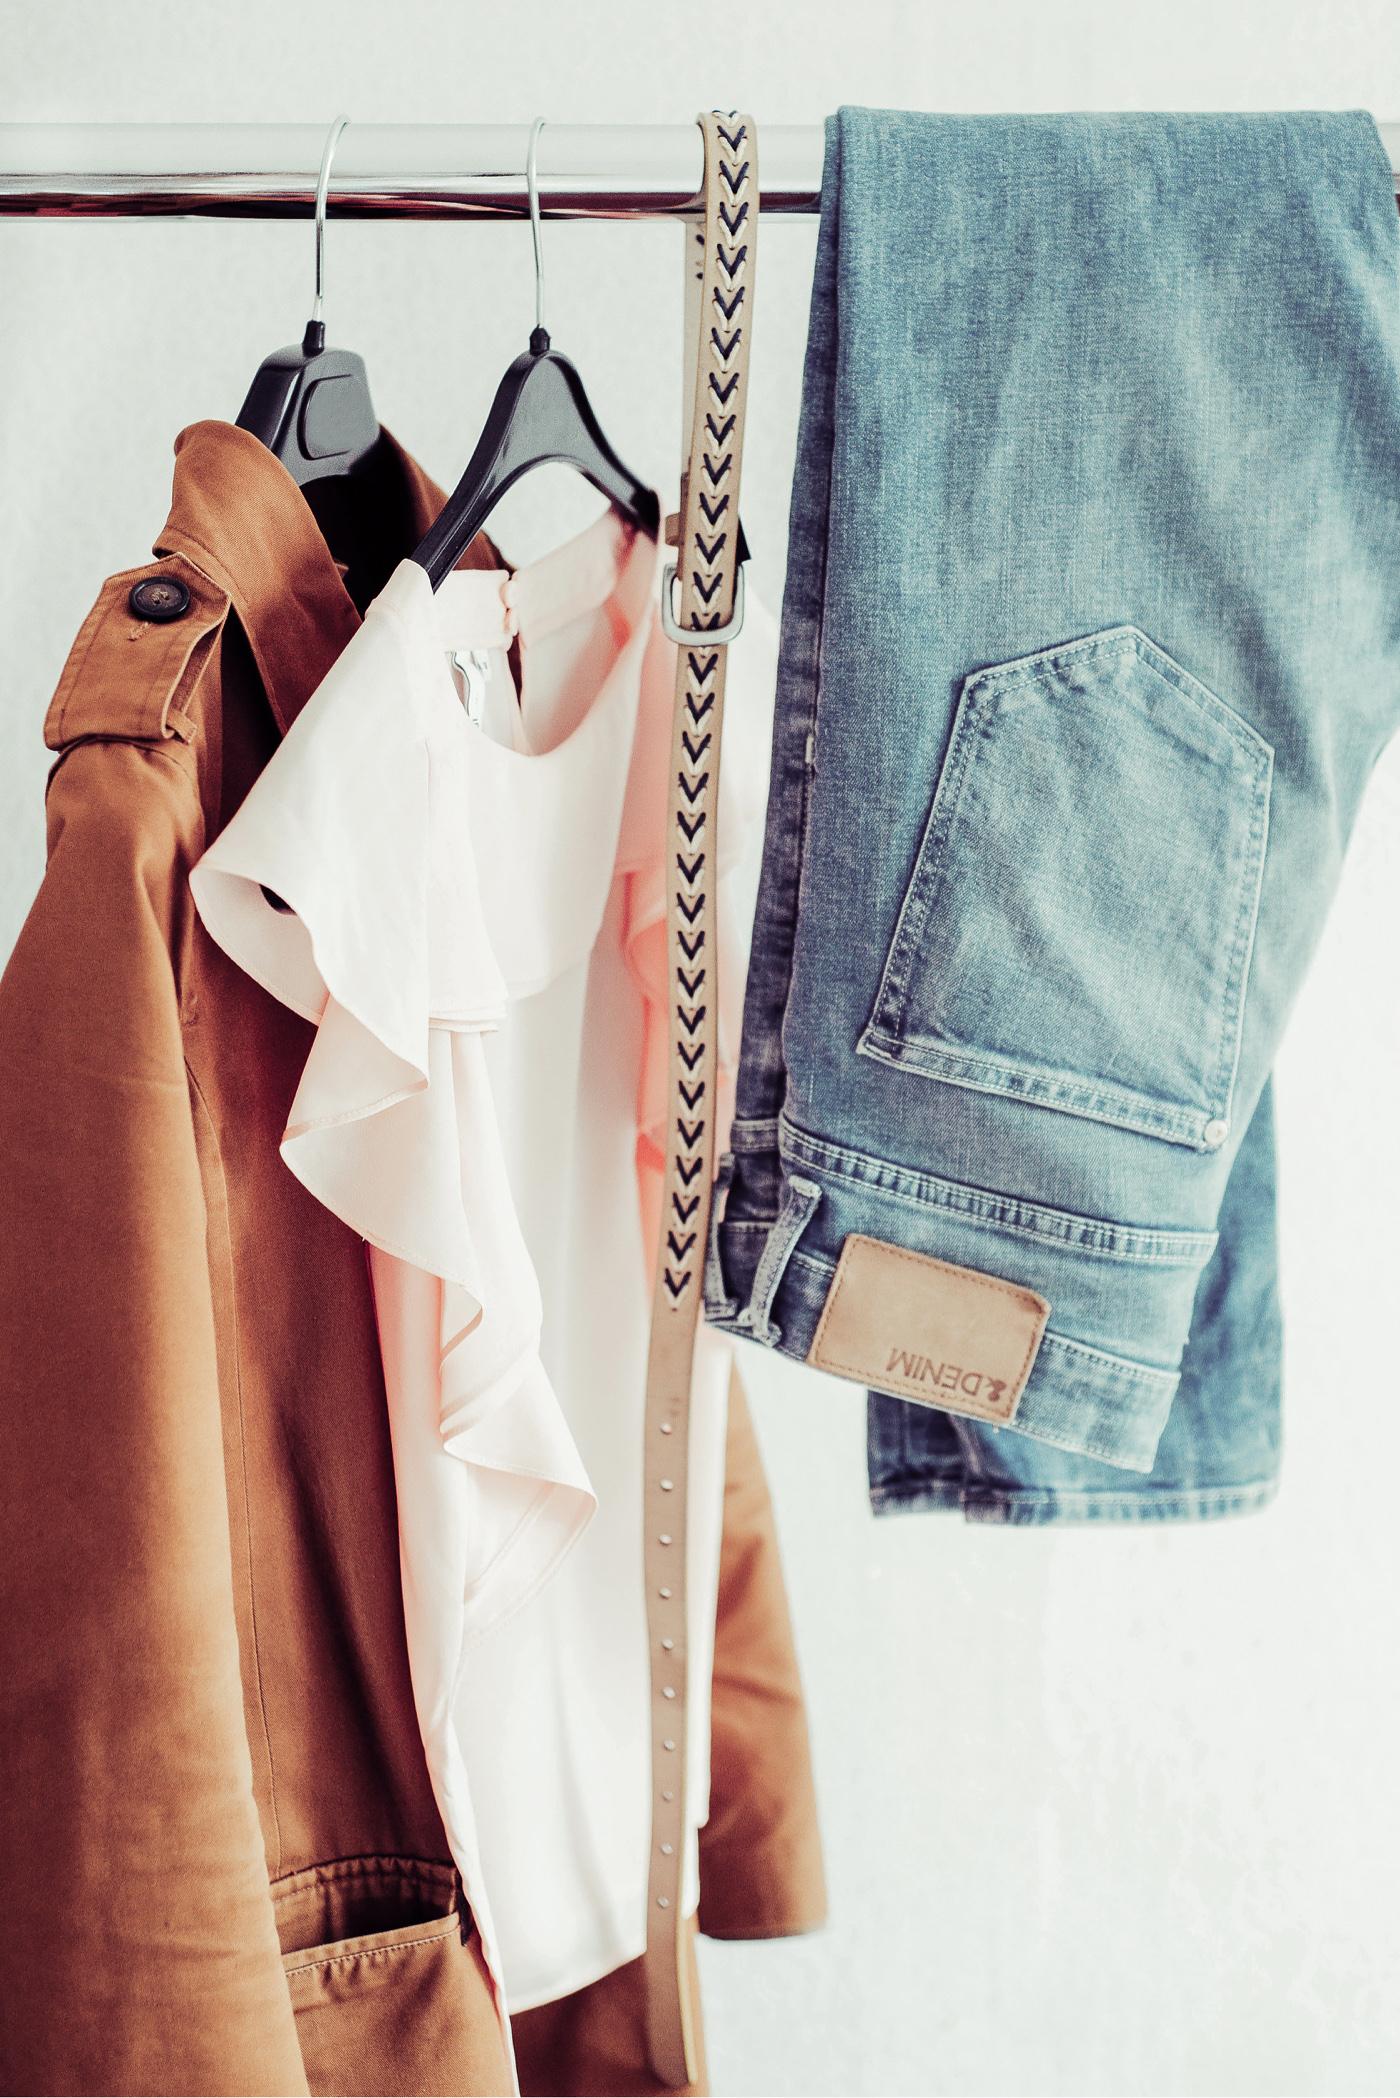 verkaufen auf kleiderkreisel tipps